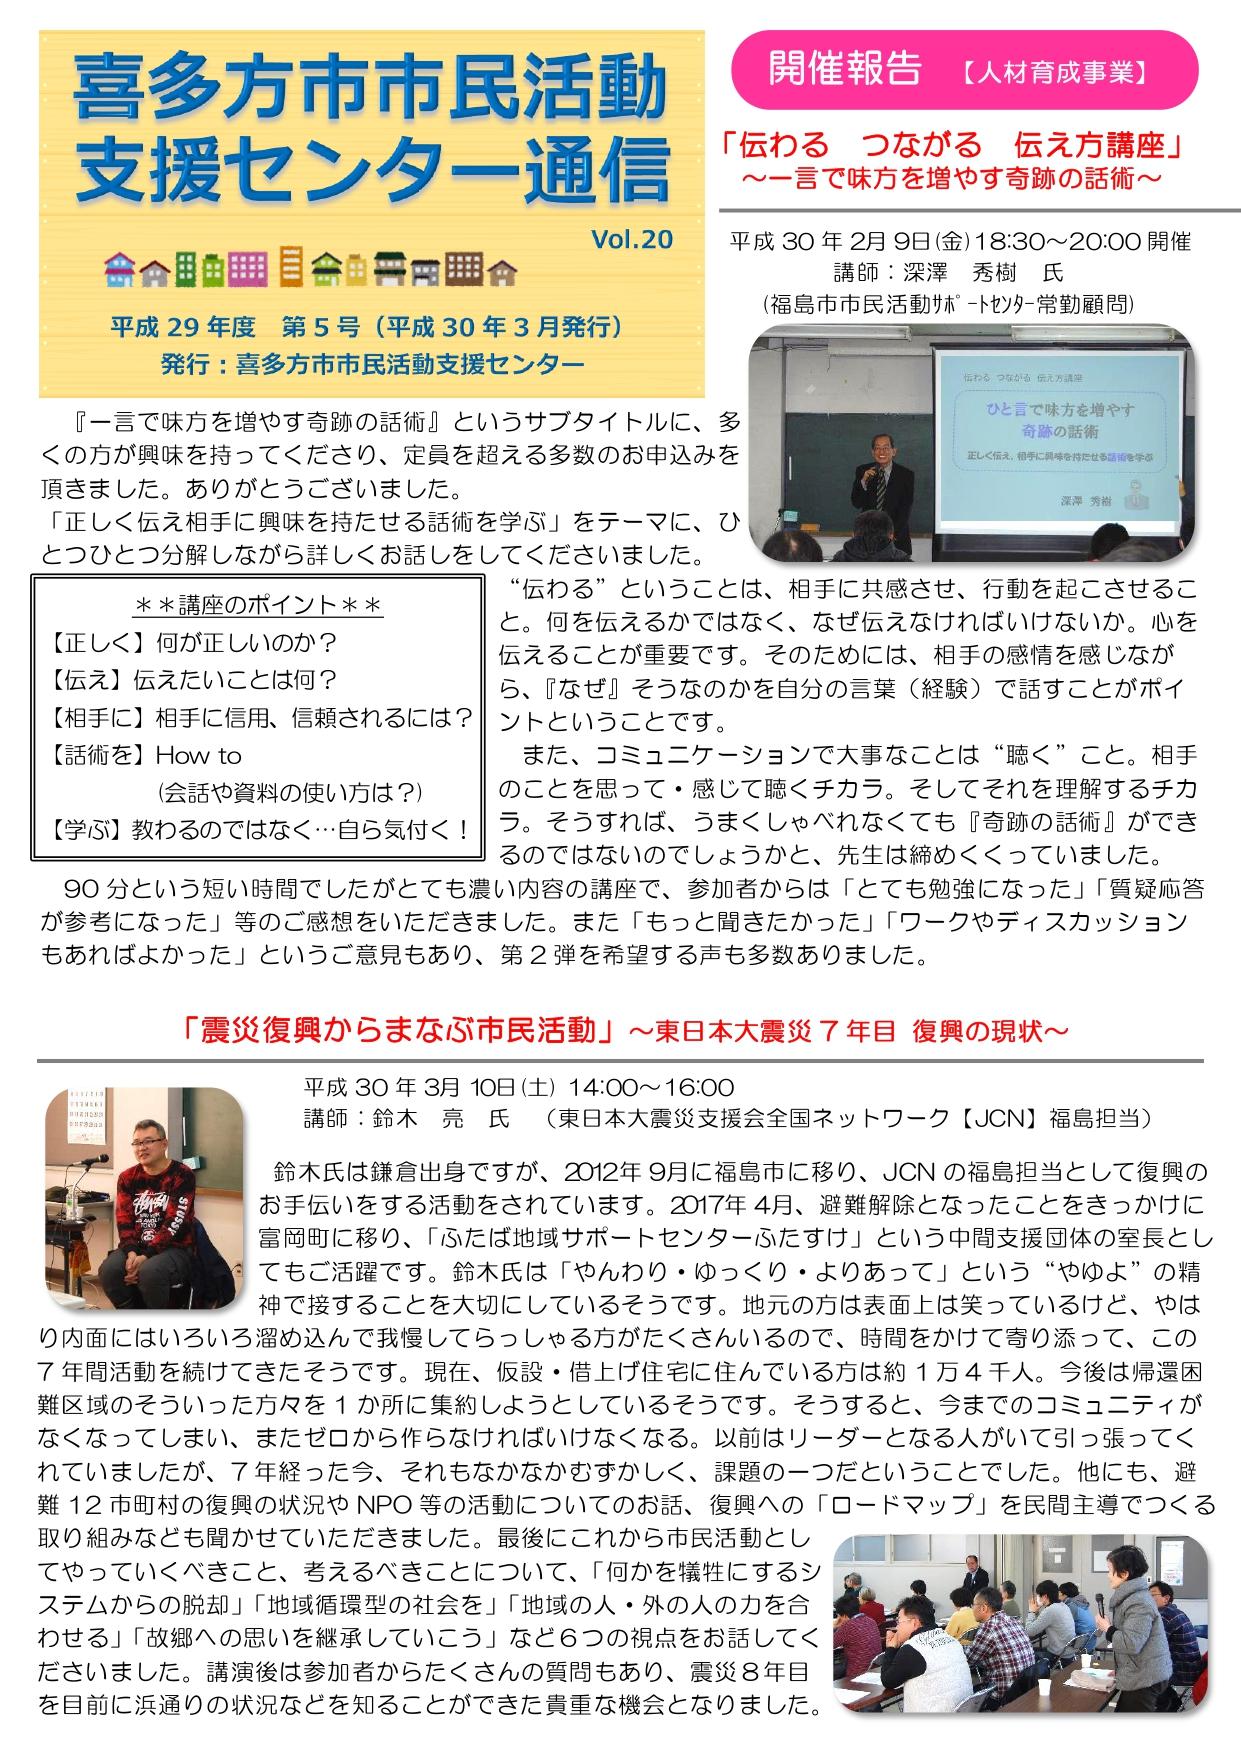 喜多方市市民活動支援センター通信 平成29年度第5号(Vol.20)